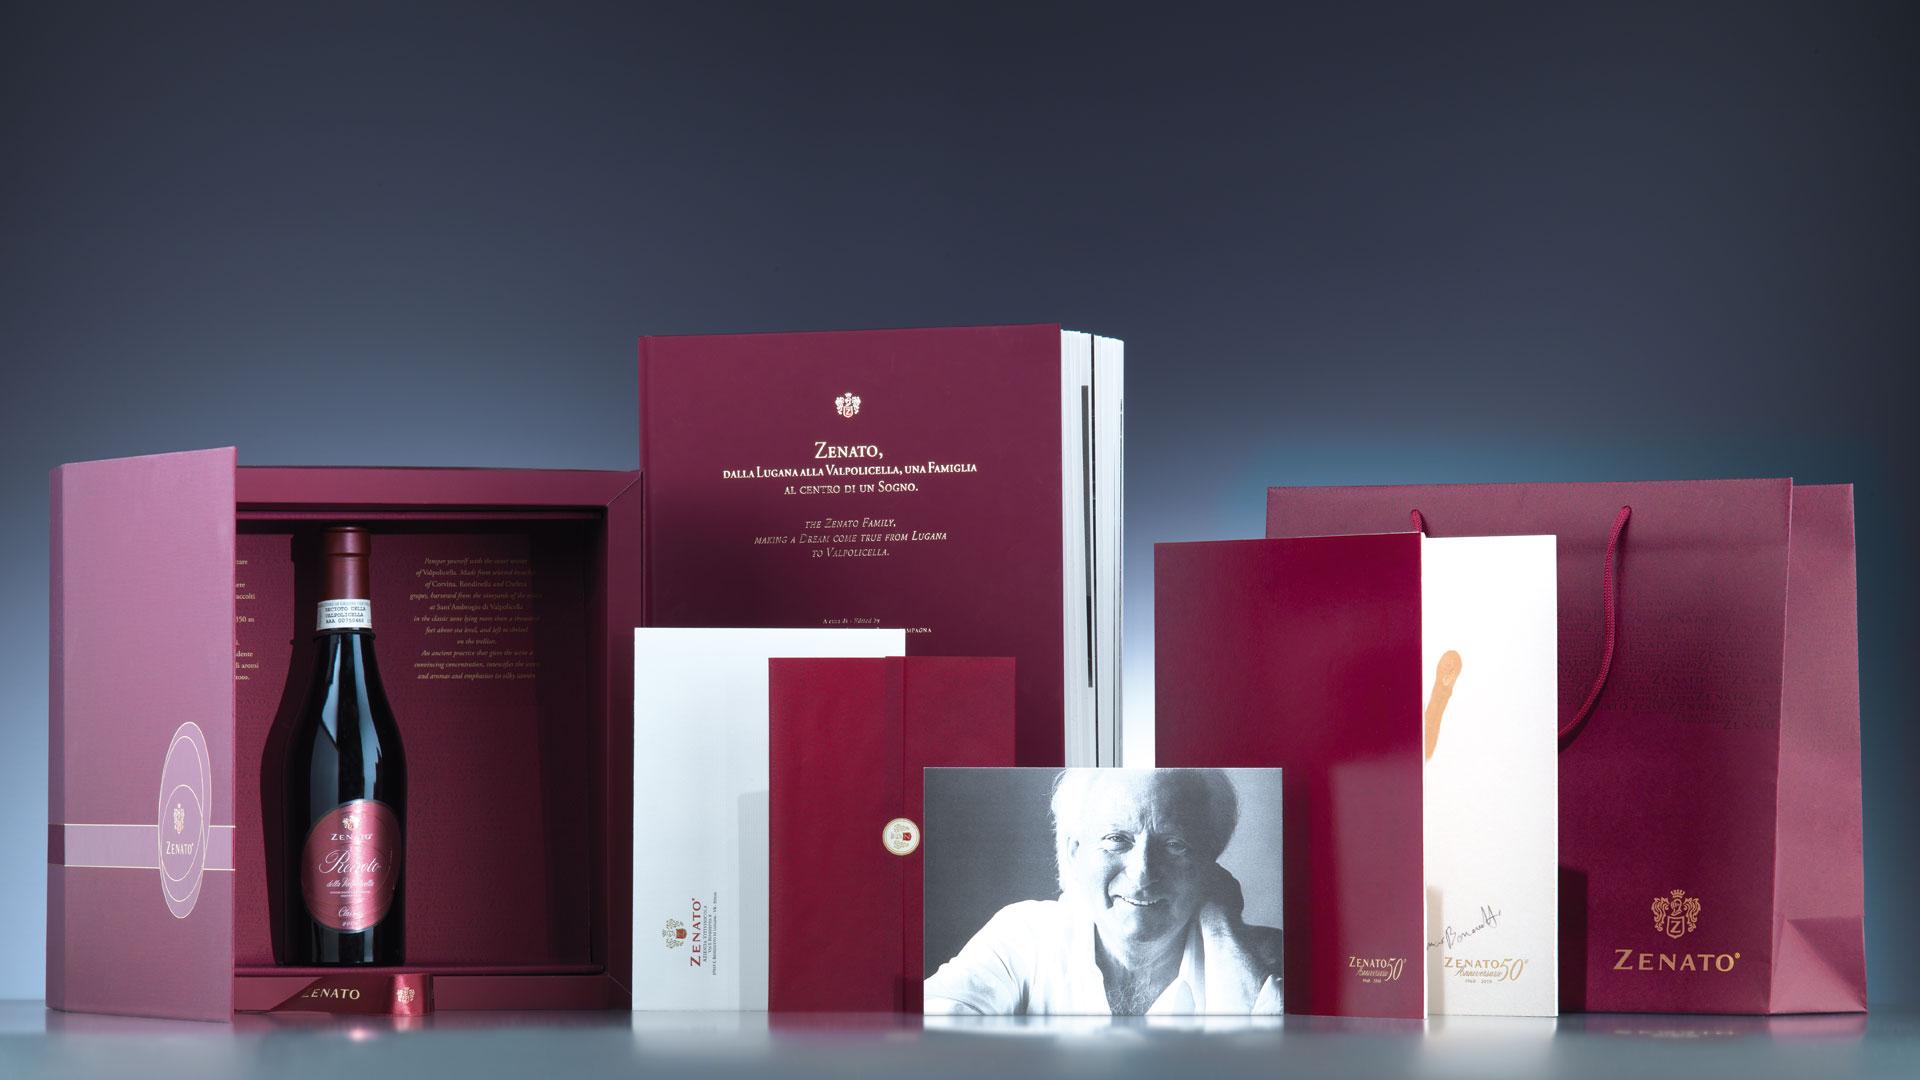 Zenato 50 anniversario coordinati global design